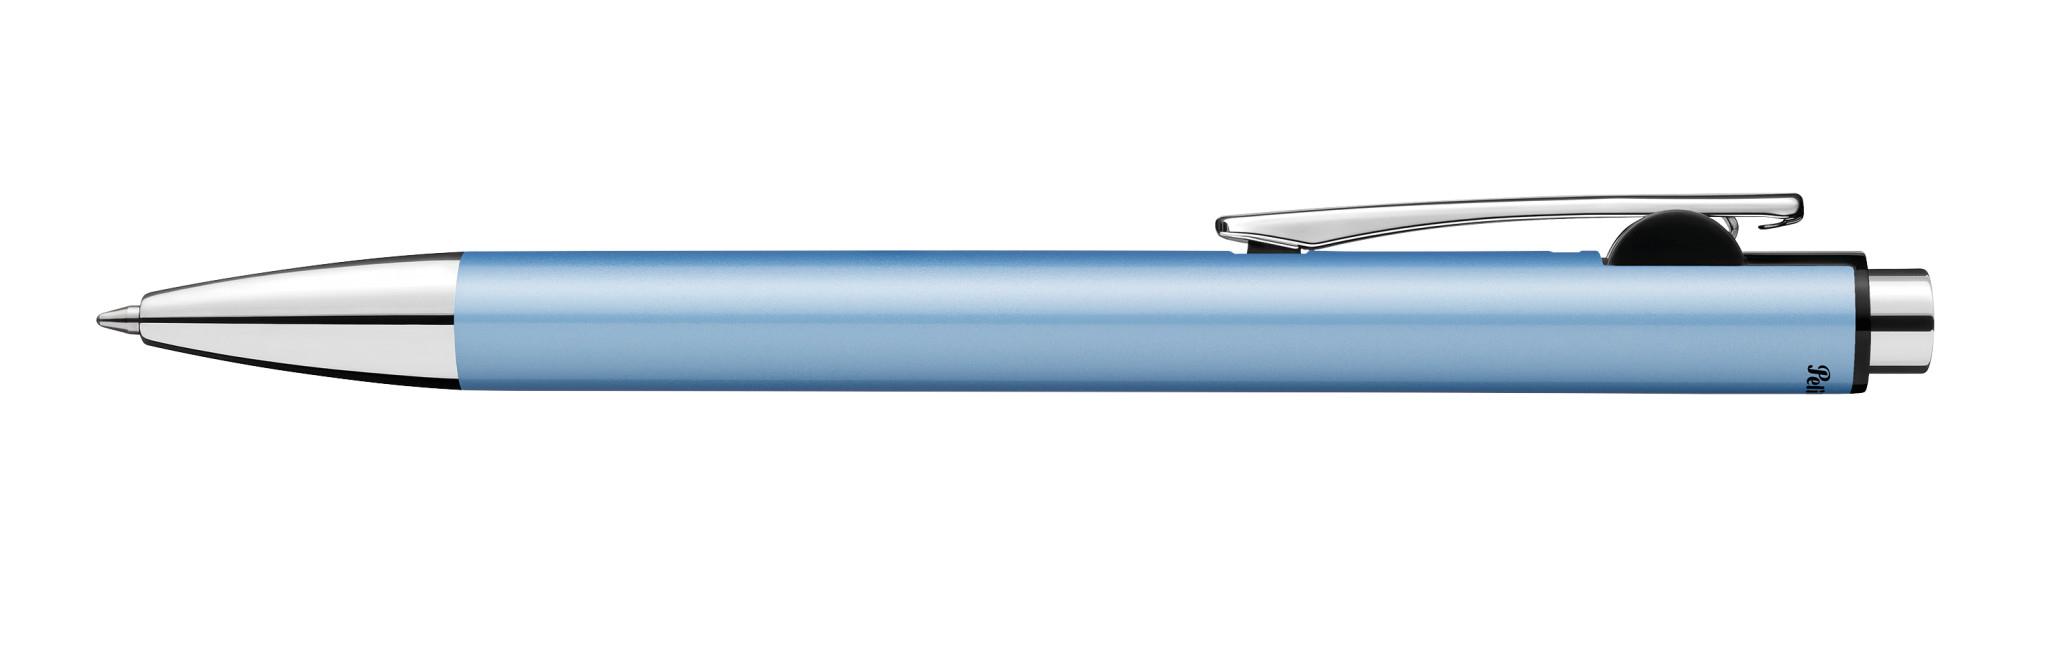 Pelikan Snap - Clip - Clip-on-Einziehkugelschreiber - Nachfüllbar - Blau - 1 Stück(e) - Medium